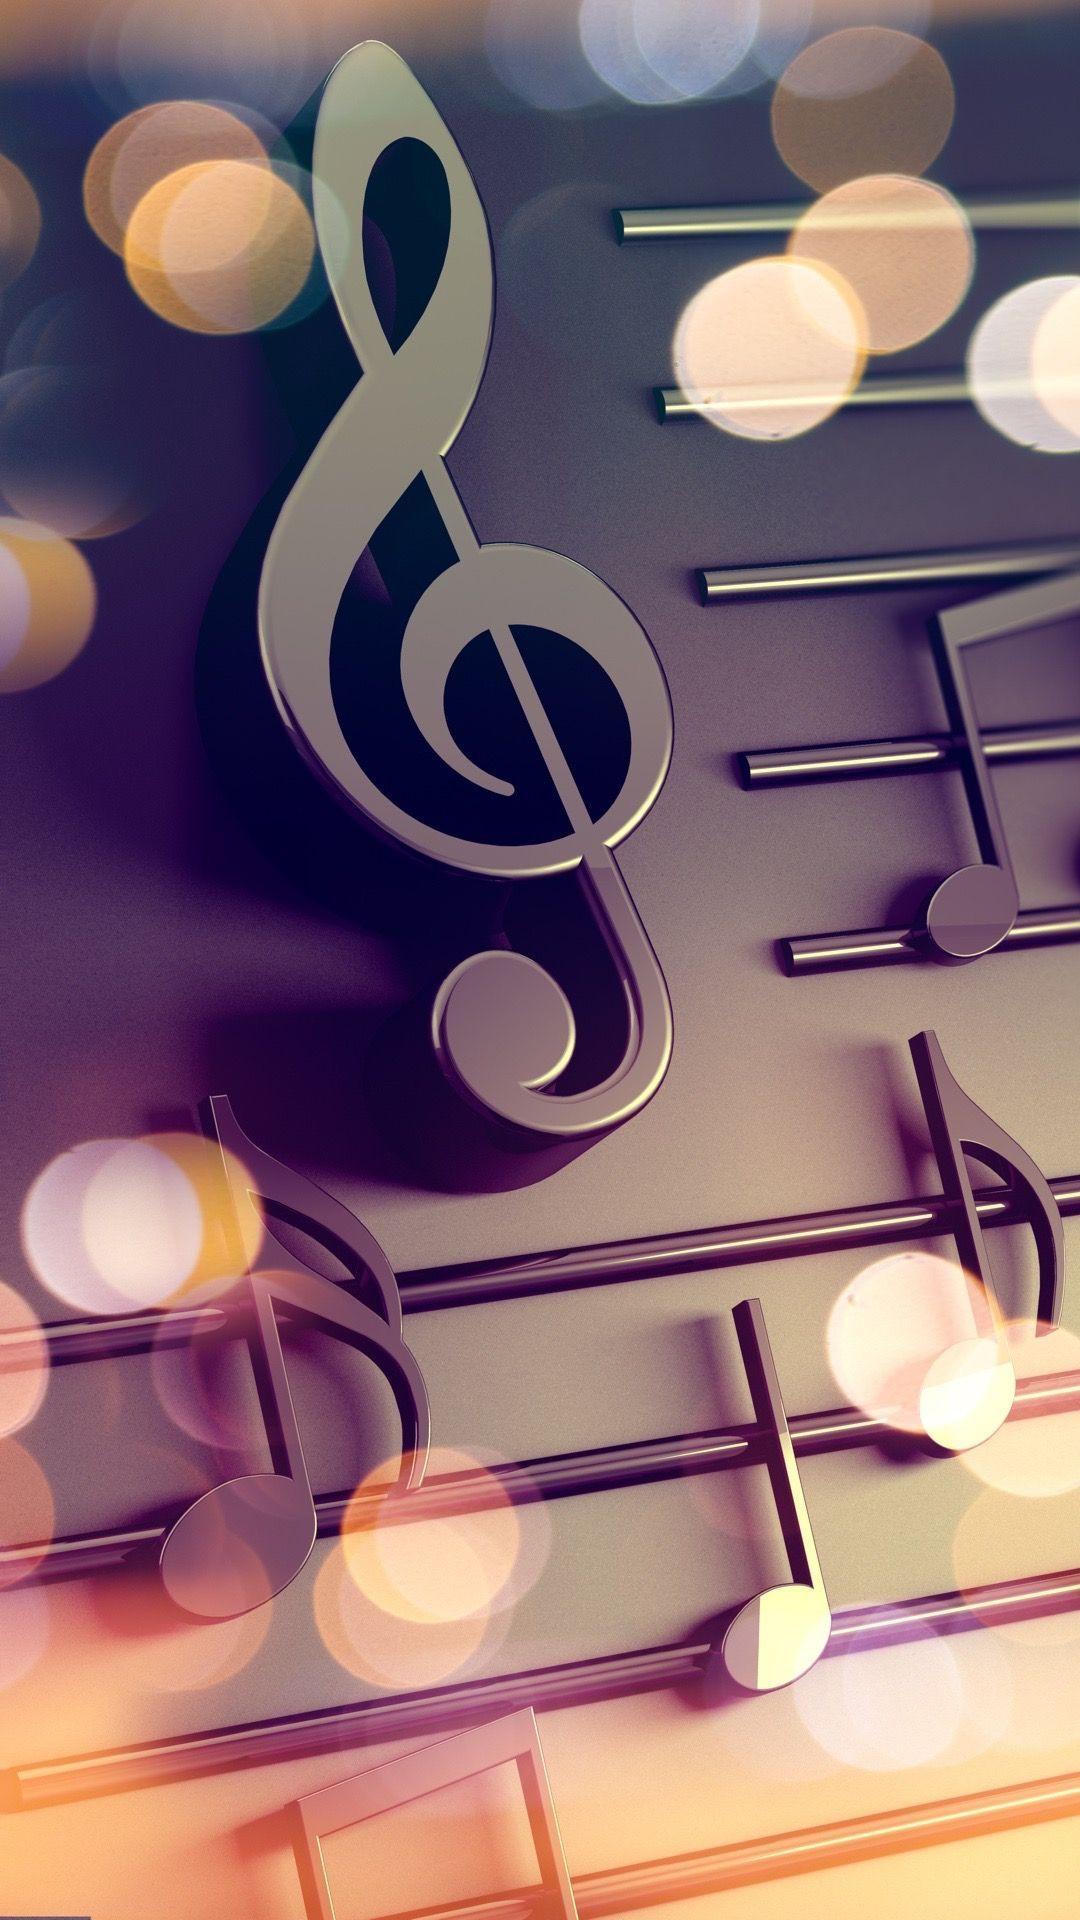 Müzik severler için derlediğimiz harika duvar kağıtları! - Page 2